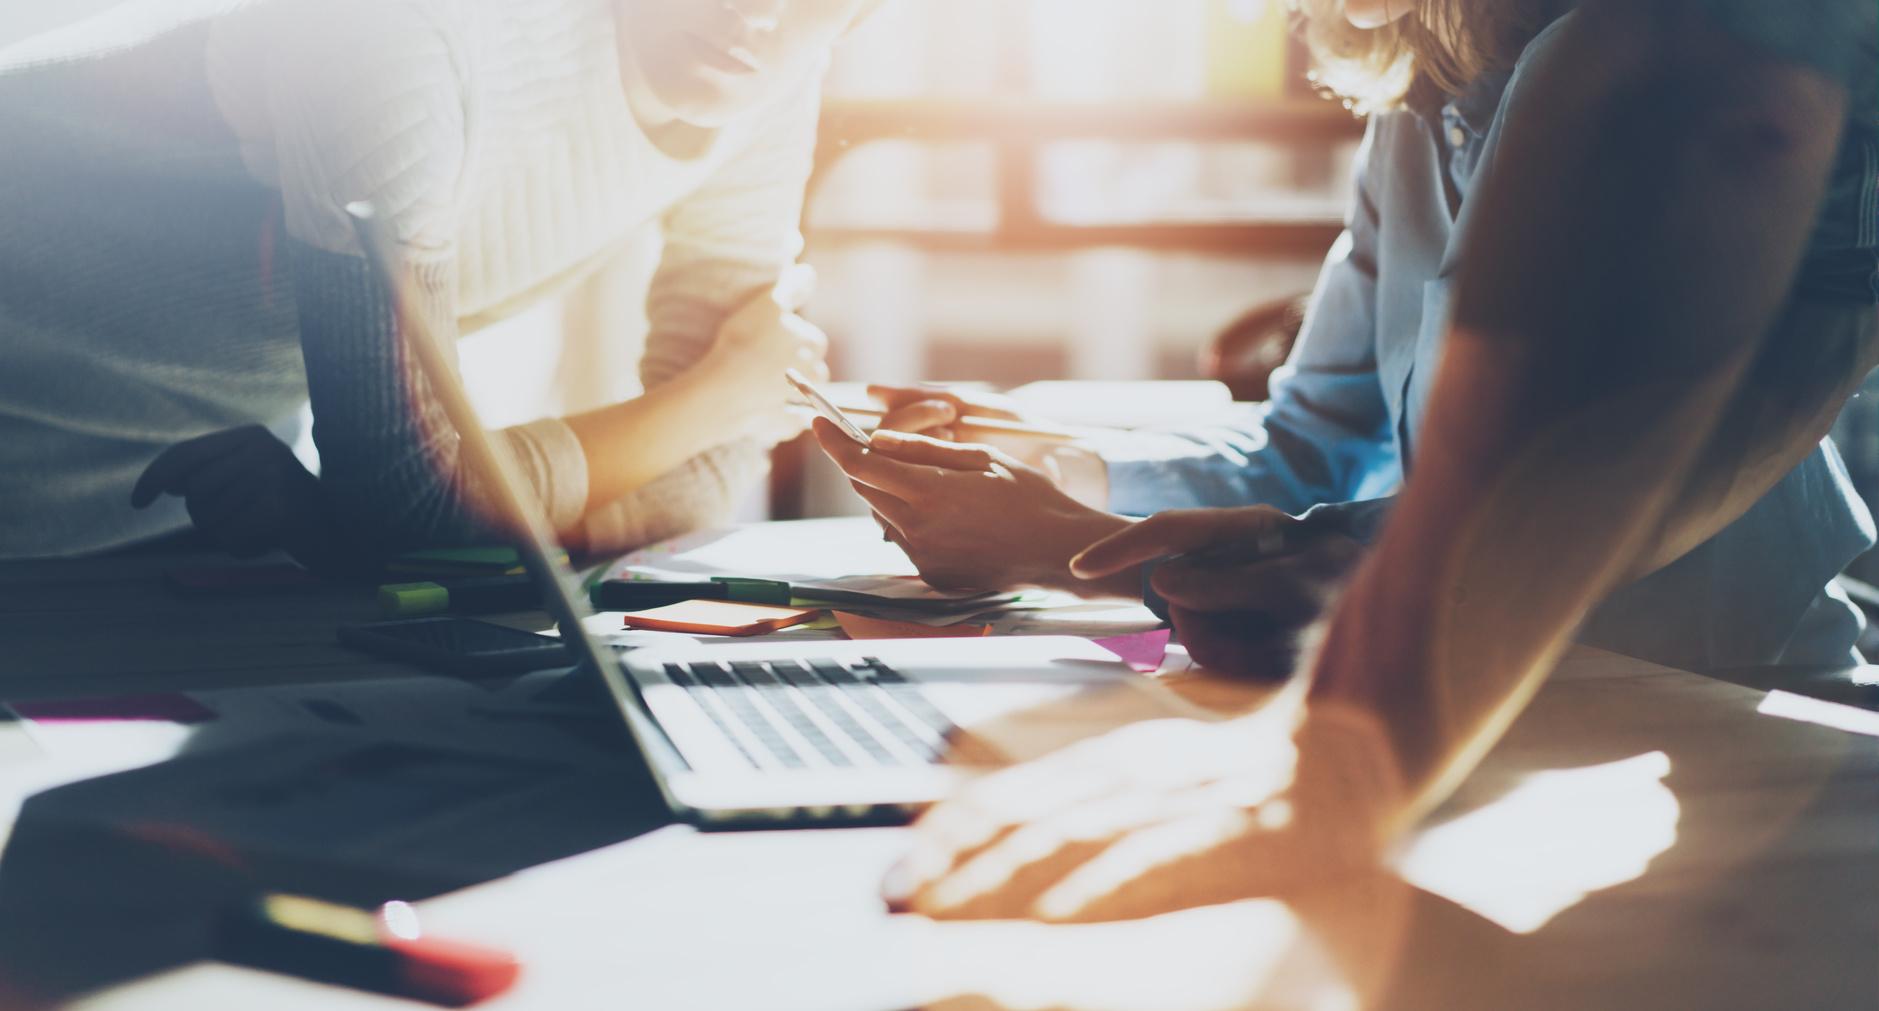 Bild zeigt effektives Personalmanagment durch den richtigen Einsatz von neuen Technologien am Arbeitsplatz